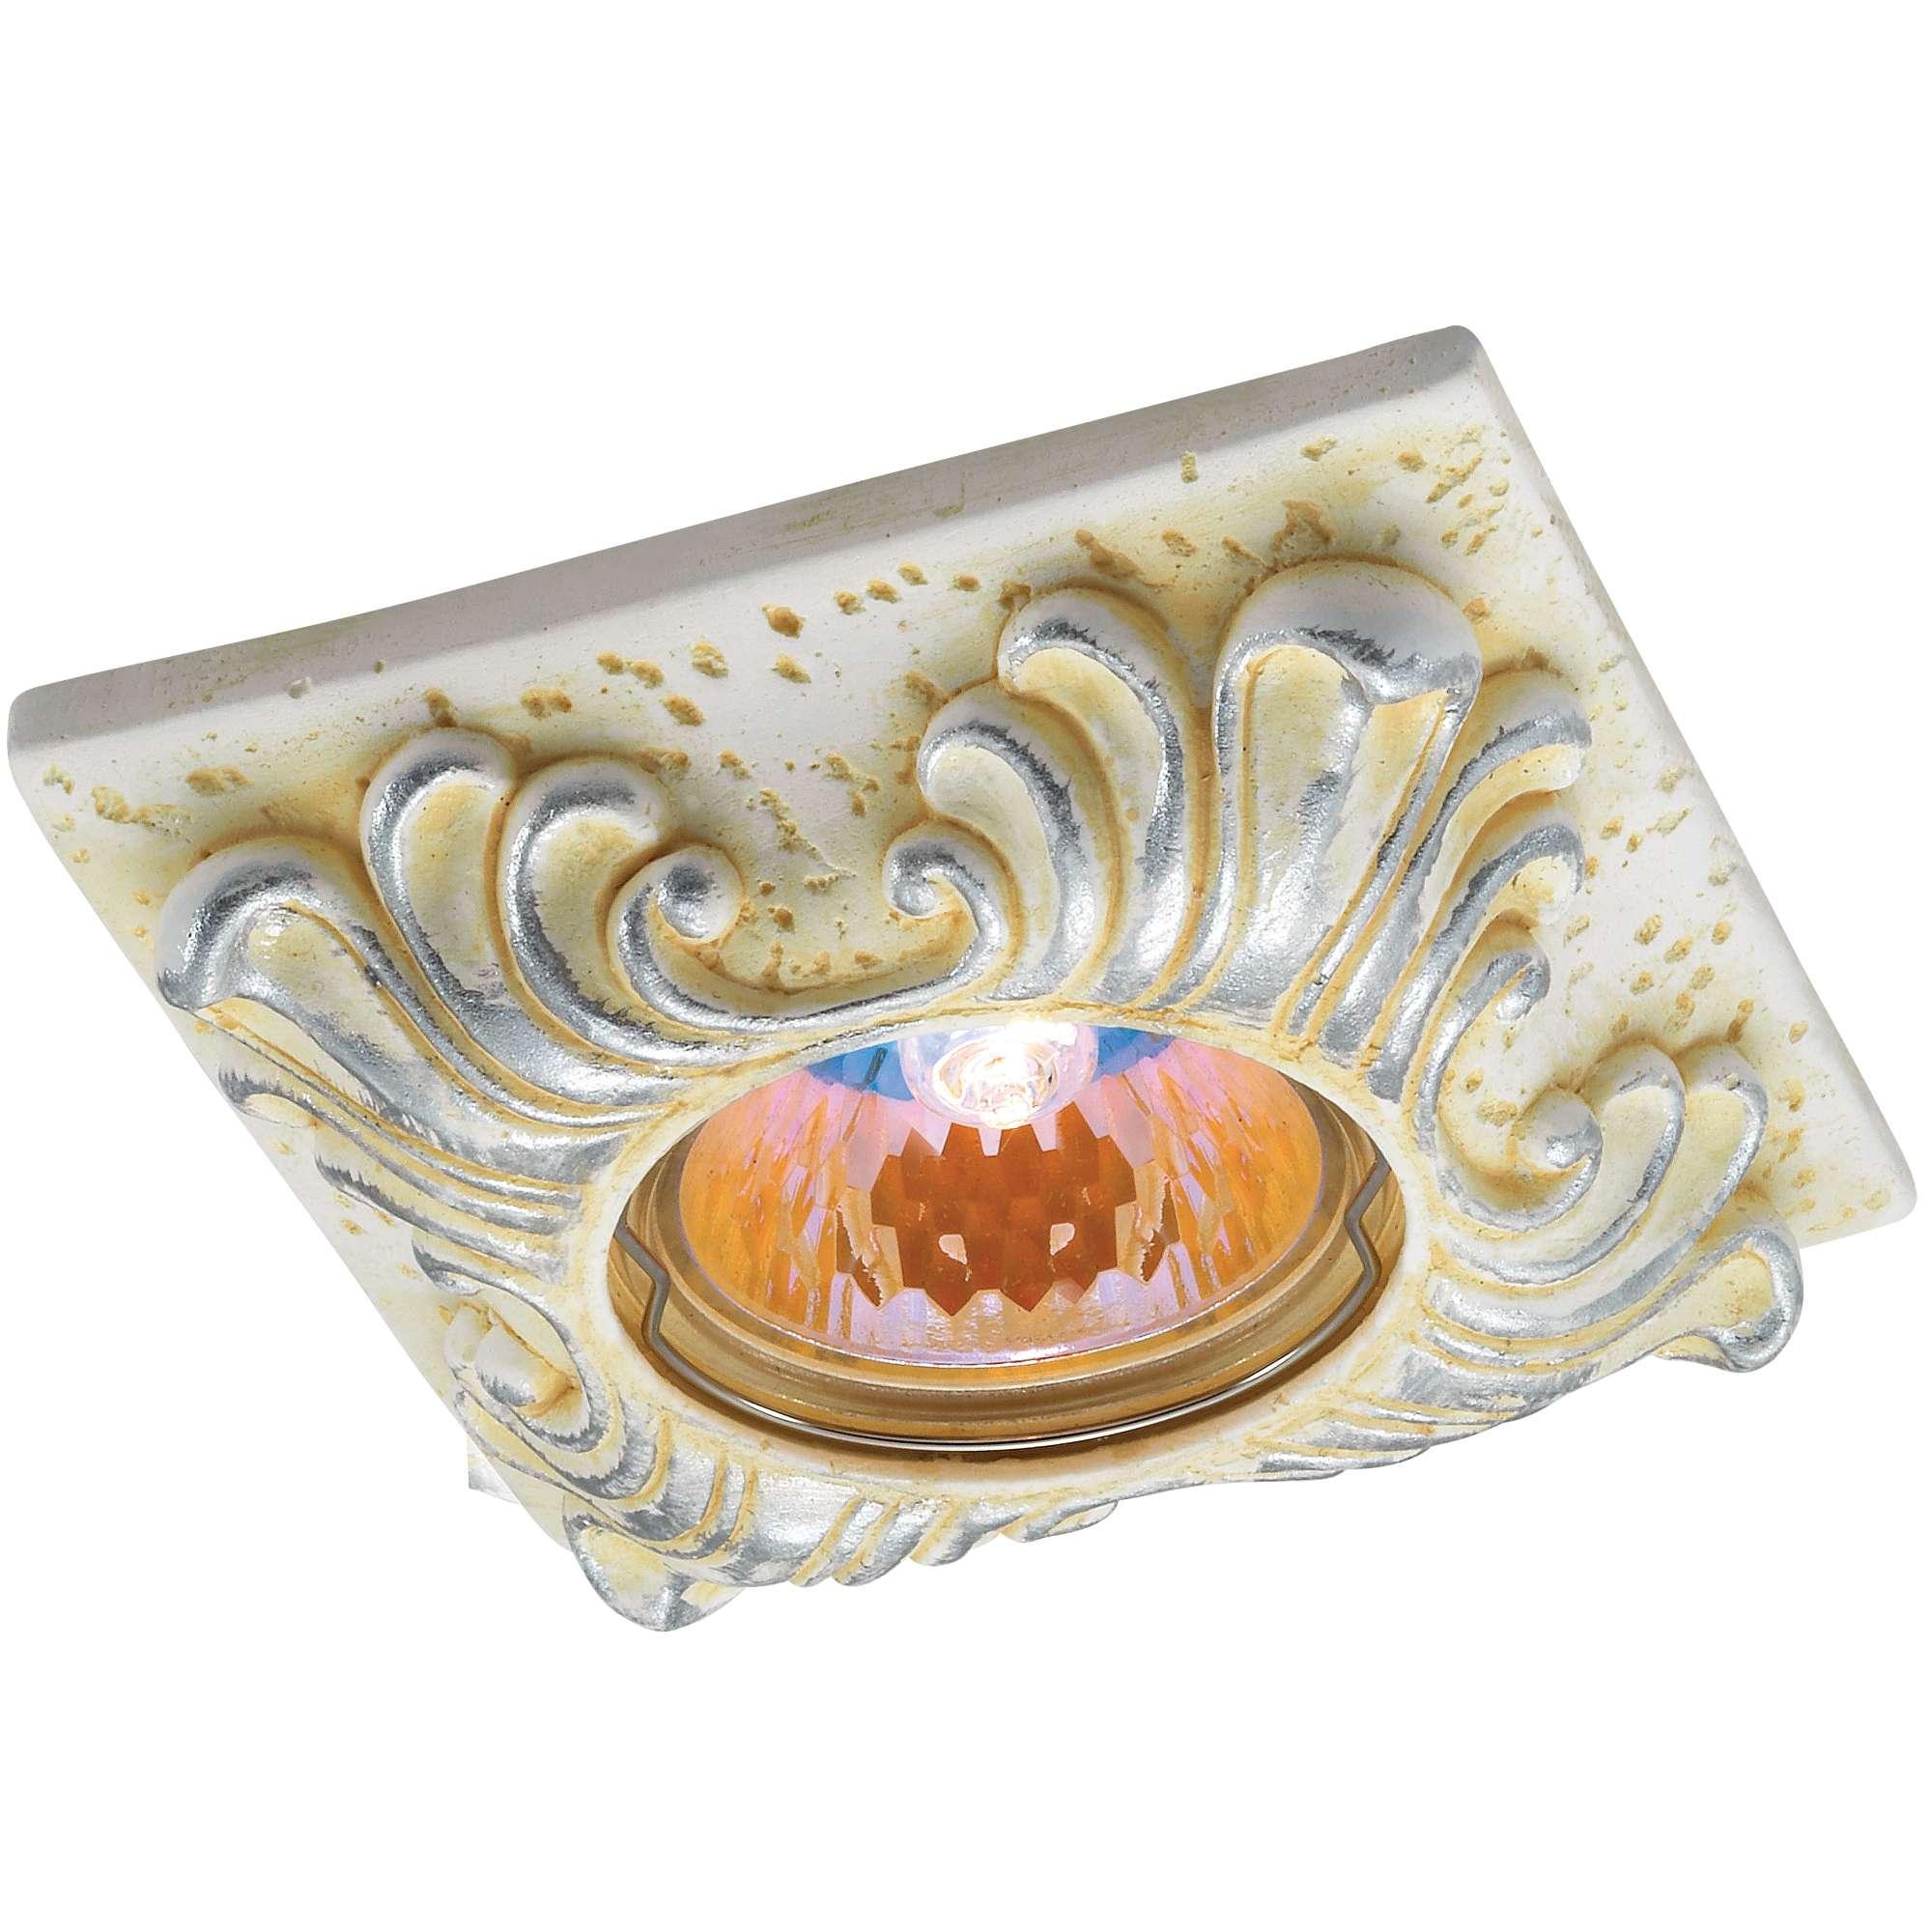 Светильник встраиваемый Novotech Sandstone nt12 123 369569